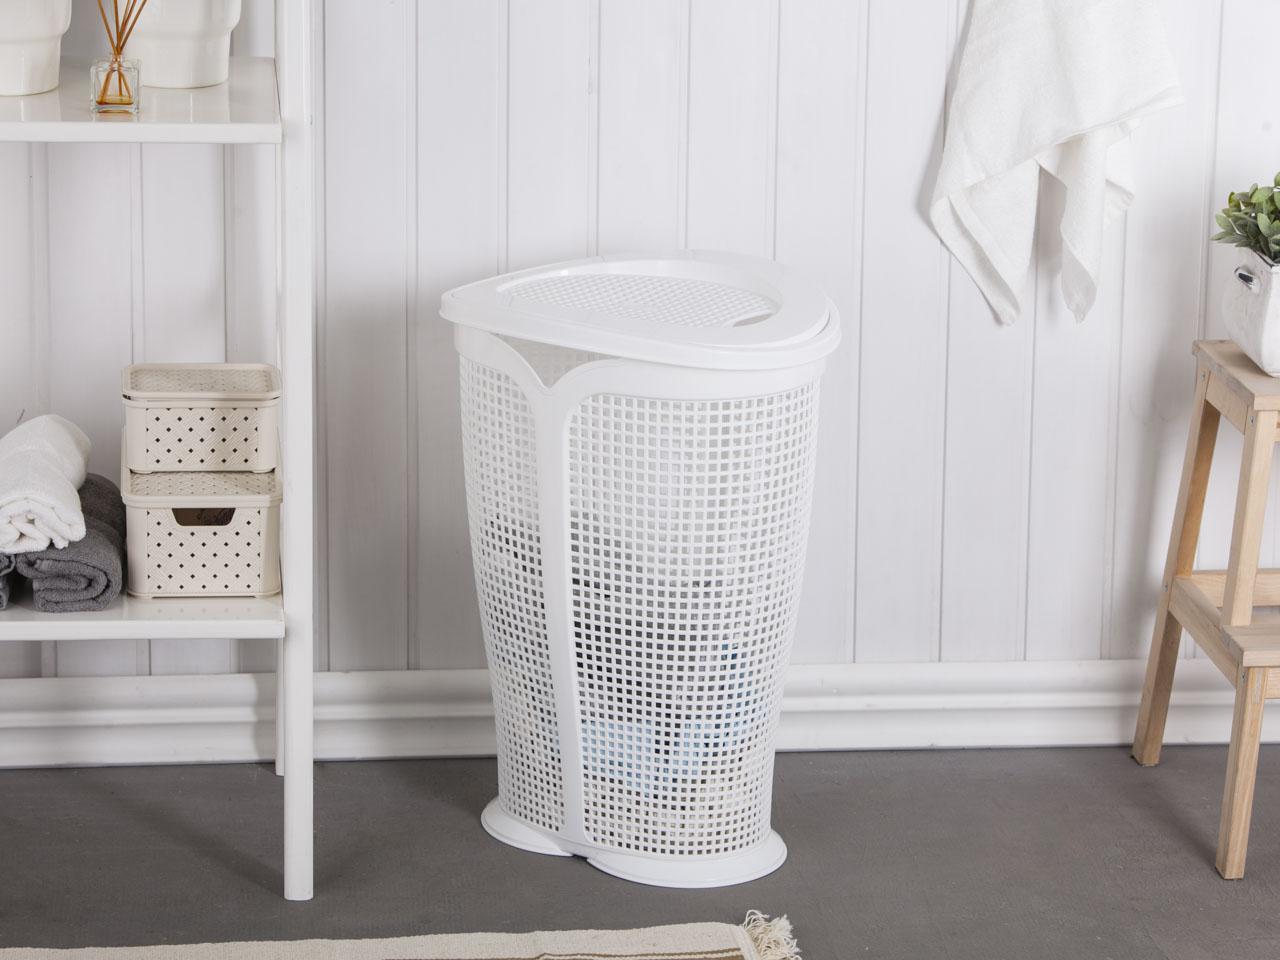 Kosz na pranie / brudownik Tontarelli Ingrid biały 45l